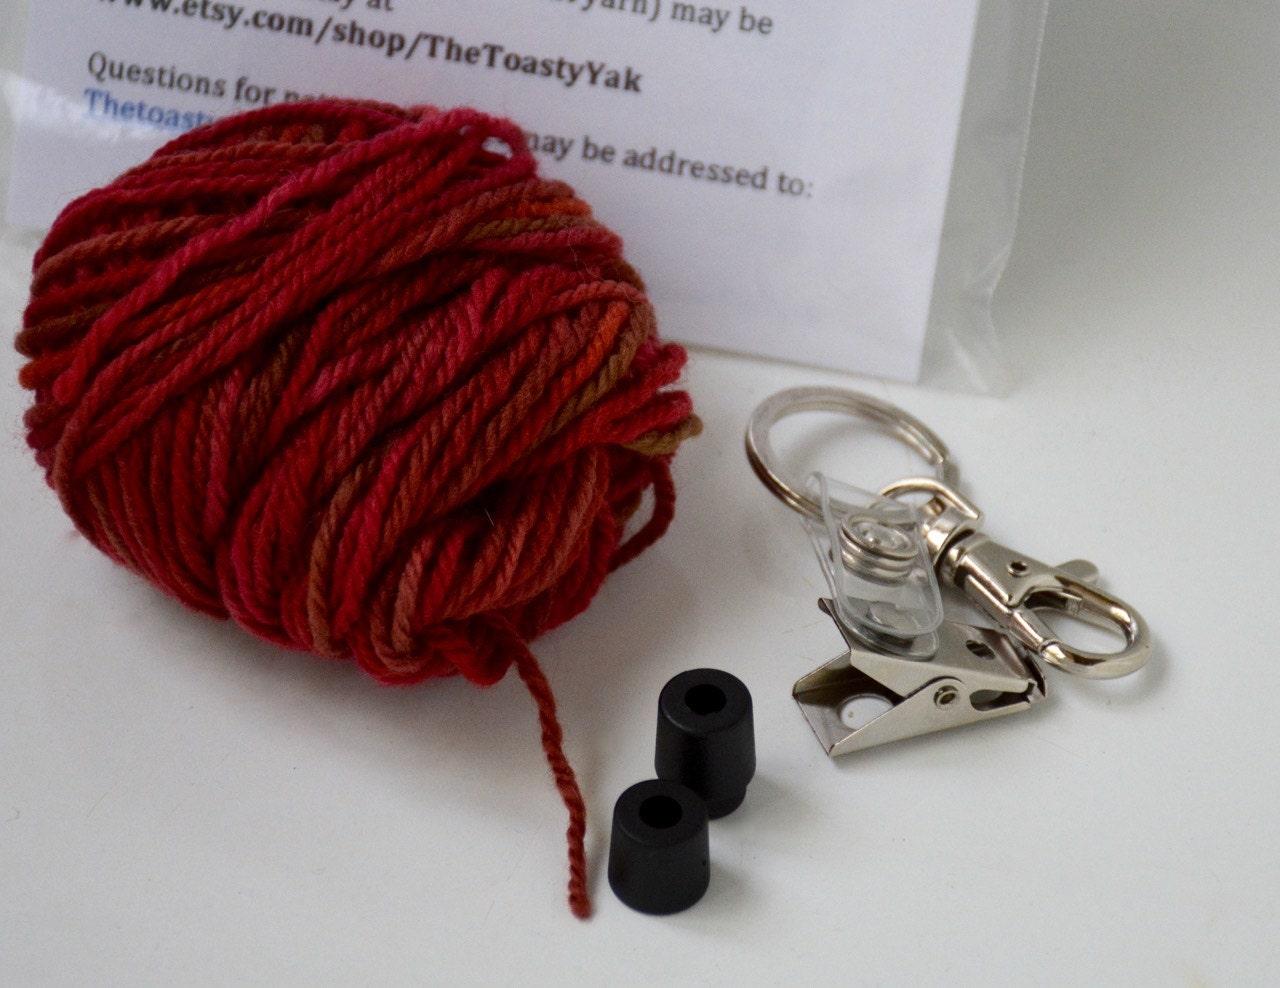 Spiffy lanyard kit from thetoastyyak on etsy studio for Spiffy spools